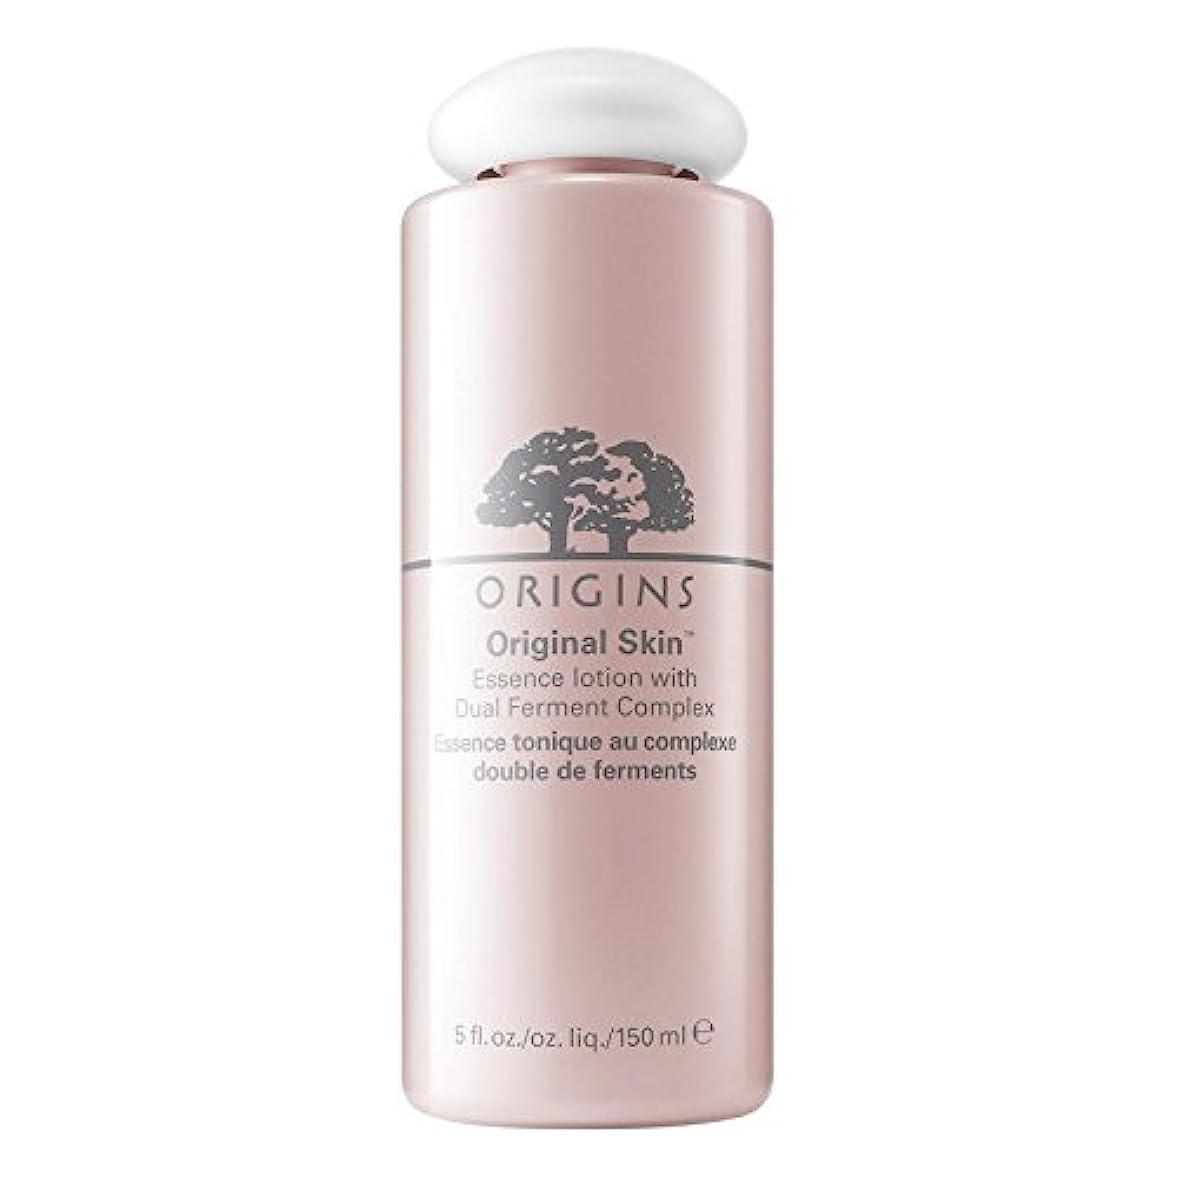 殉教者好色な遠足Origins Original Skin Essence Lotion 150ml - 起源オリジナルスキンエッセンスローション150 [並行輸入品]